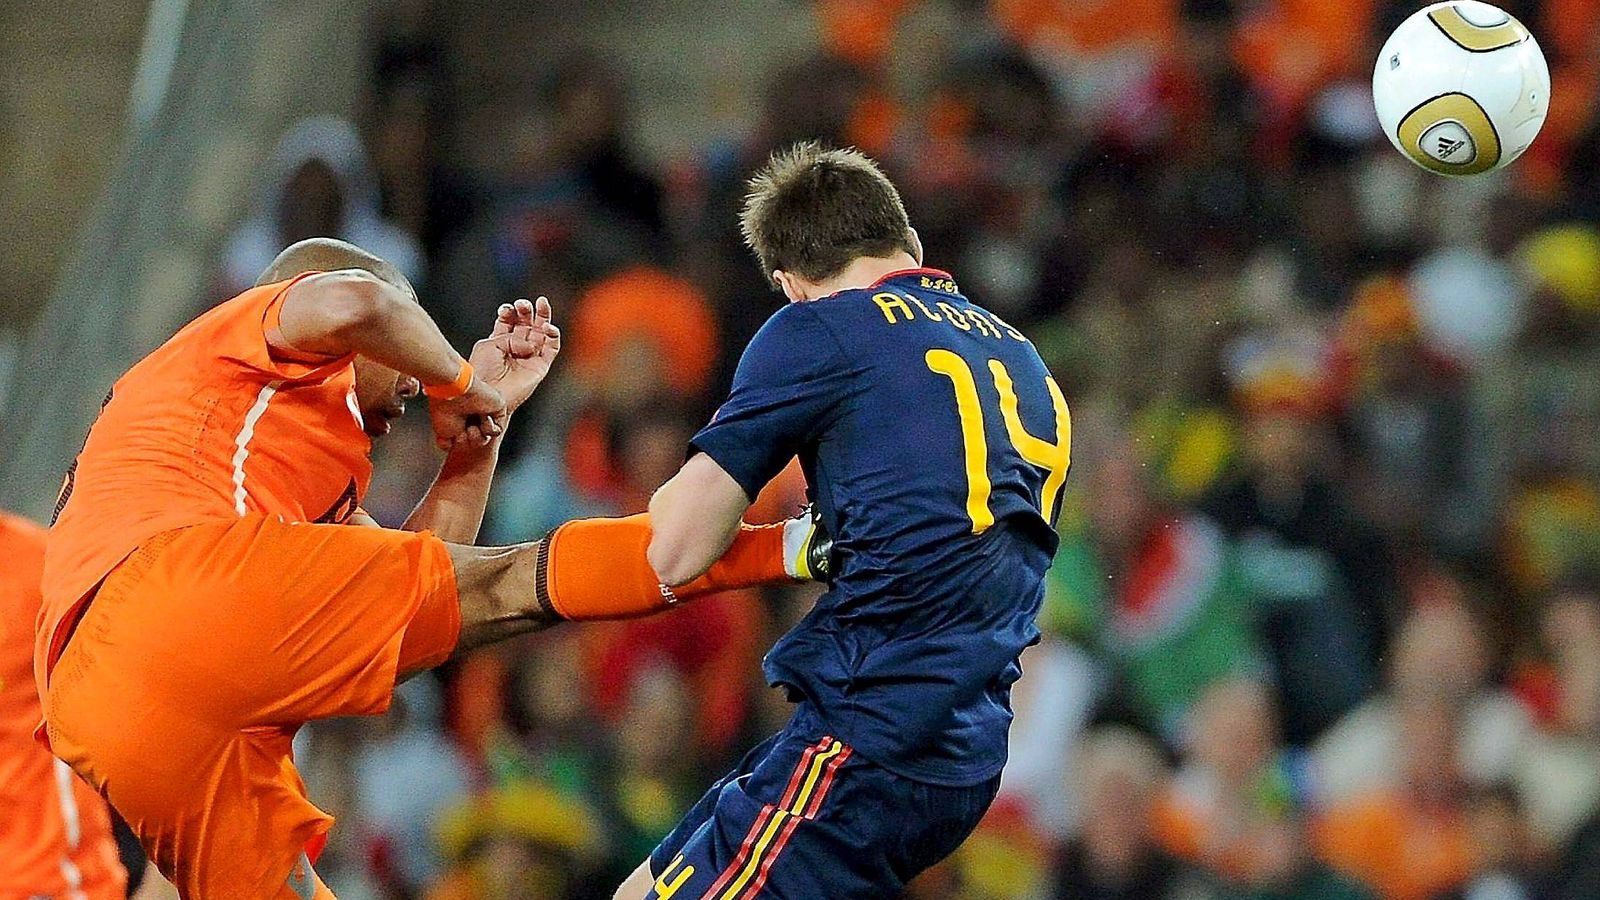 Foto: En la imagen, De Jong clava los tacos de su bota en el pecho de Xabi Alonso durante la final del Mundial de Fútbol de Sudáfrica 2010 (EFE)